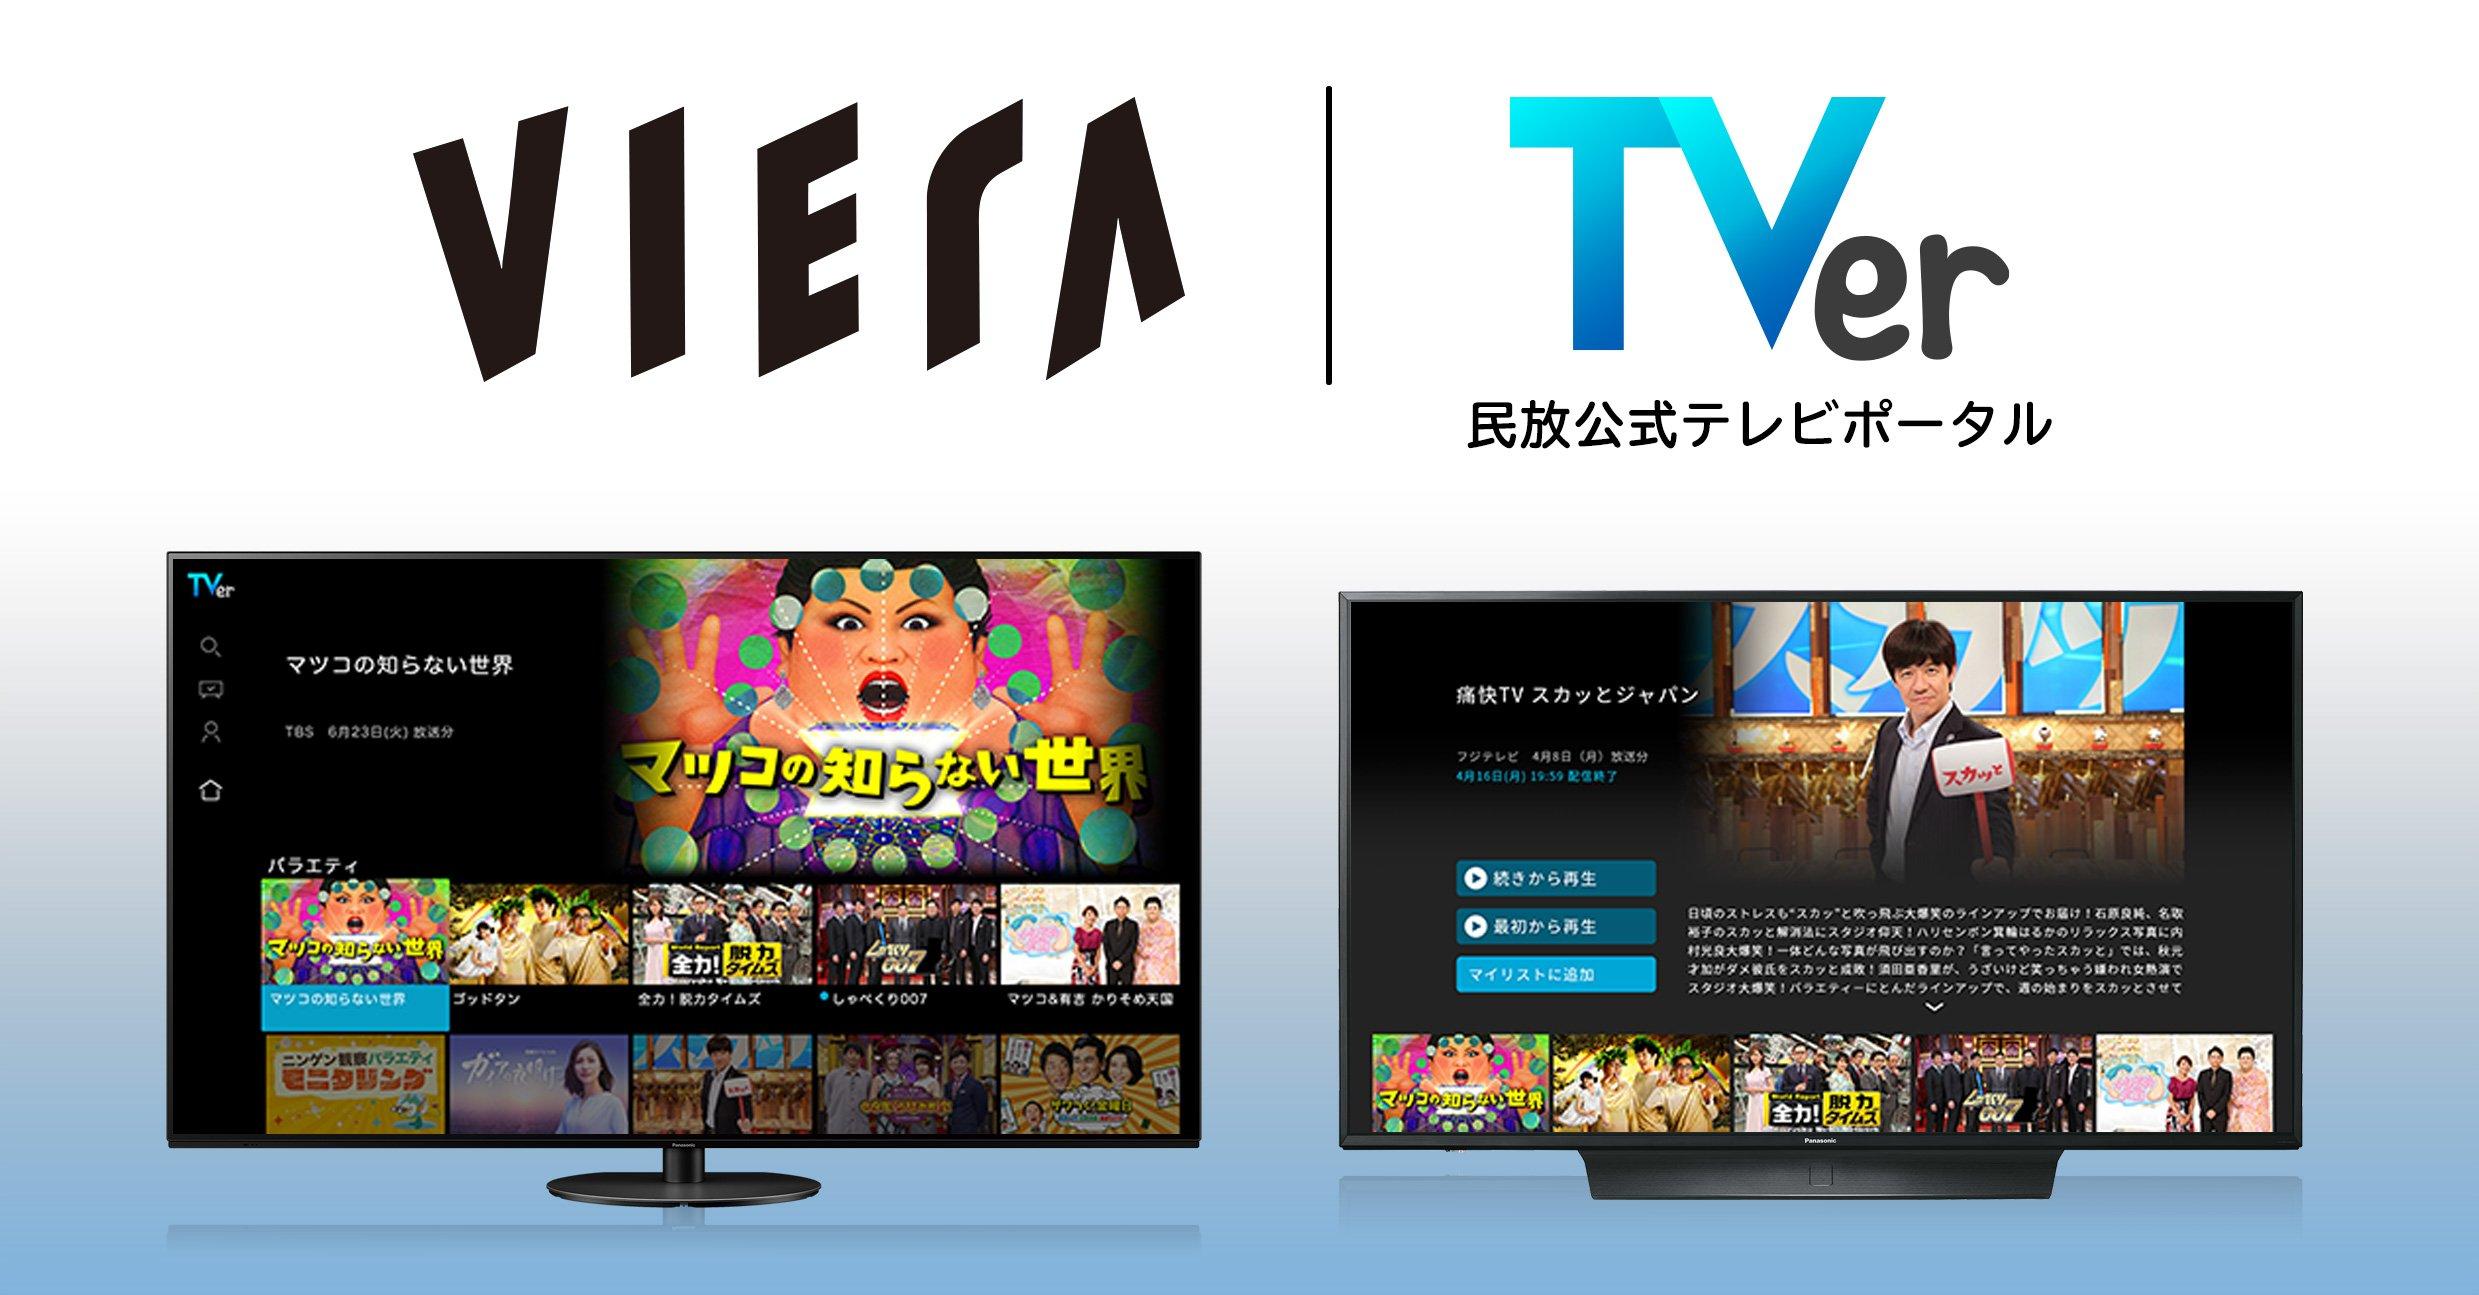 4Kテレビ「ビエラ」が民放公式テレビポータル「TVer(ティーバー)」に対応